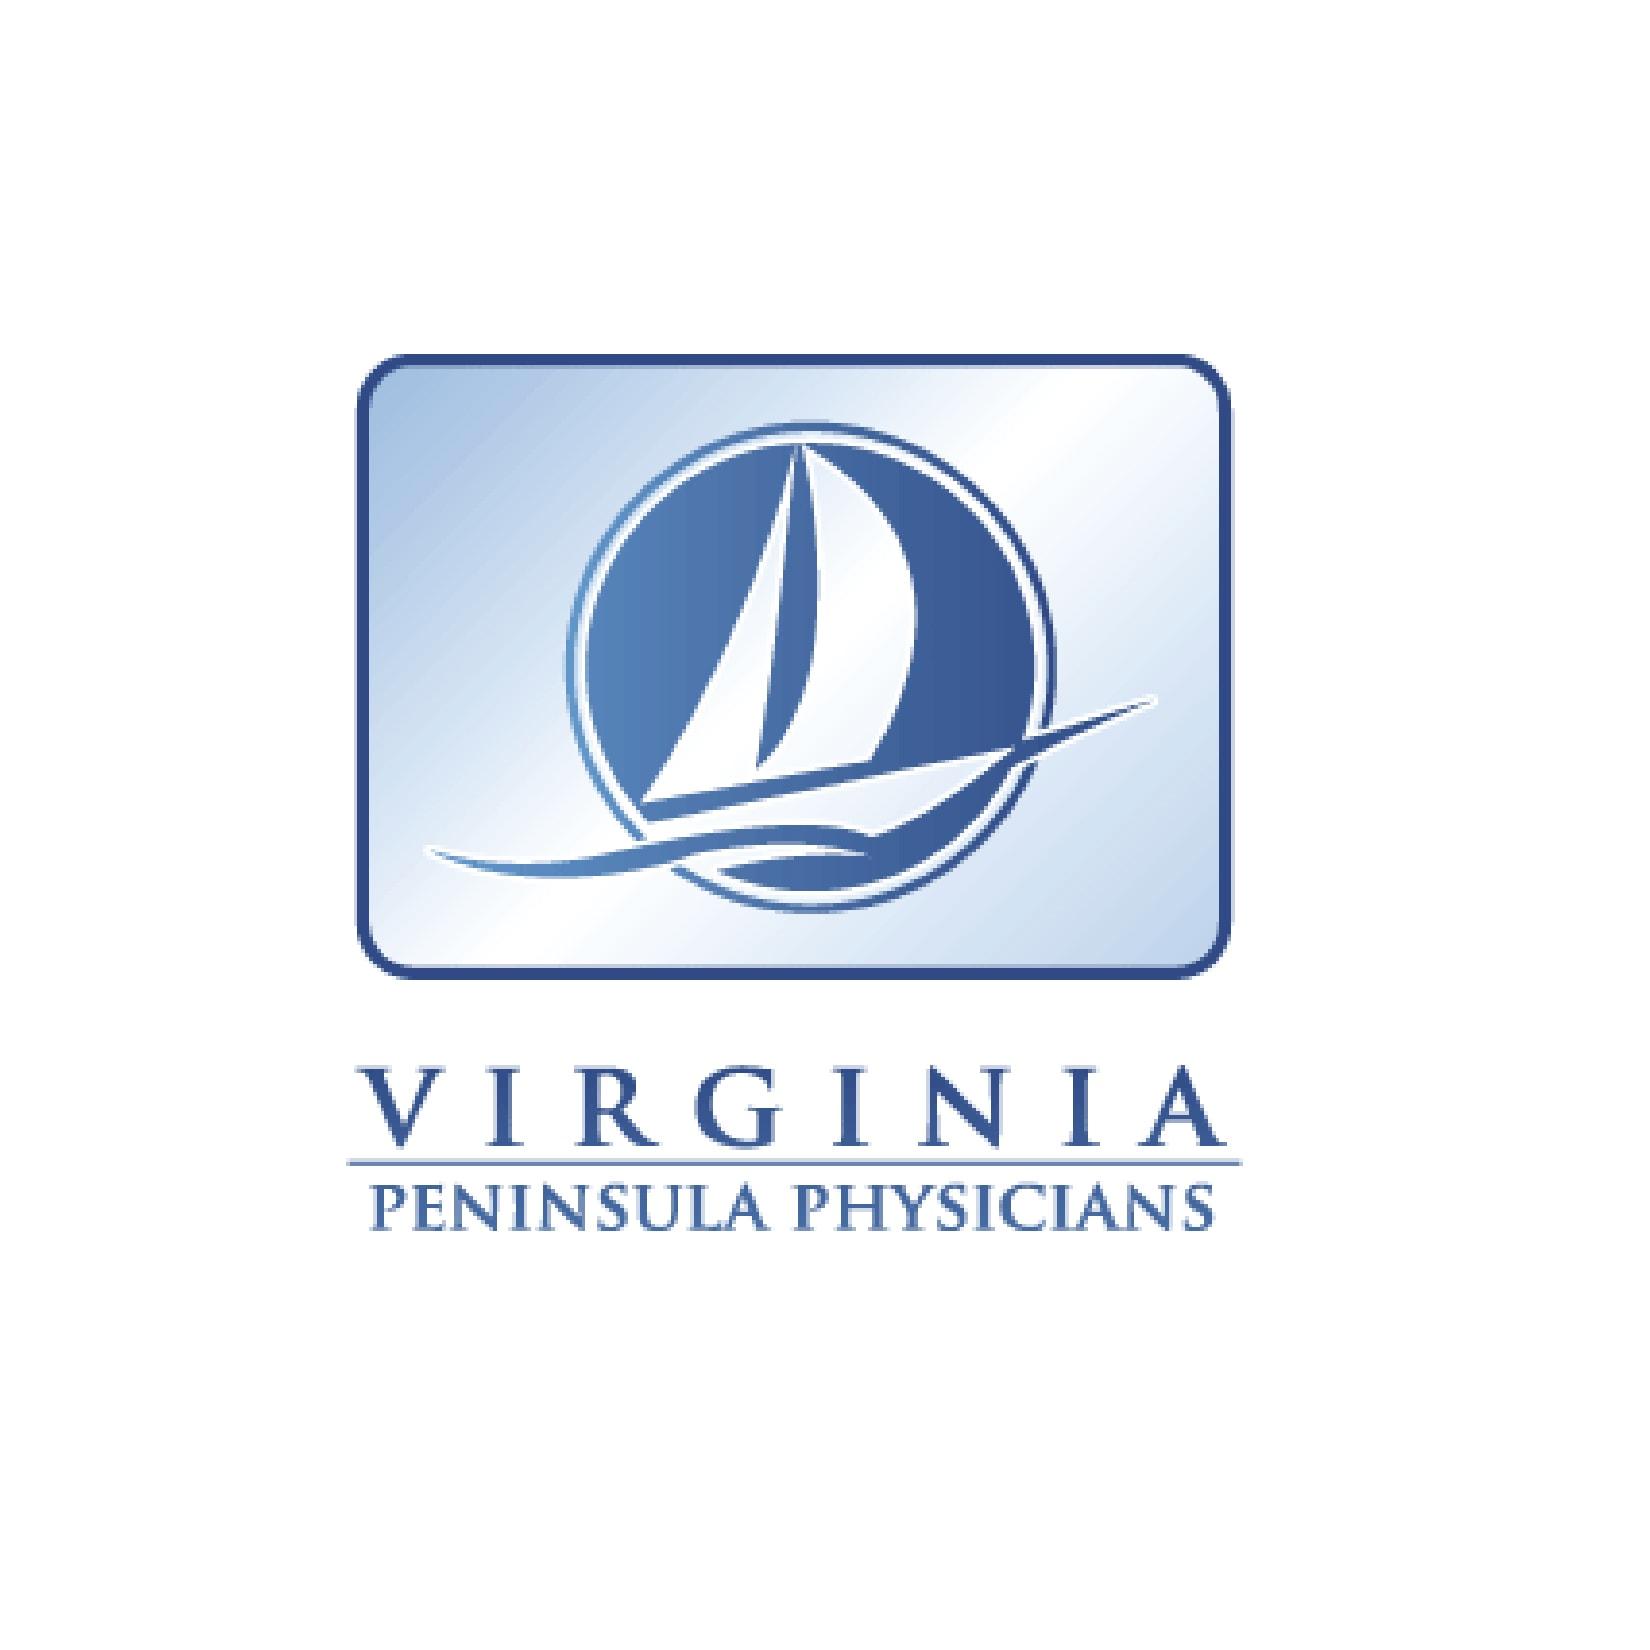 Virginia Peninsula Physicians Logo